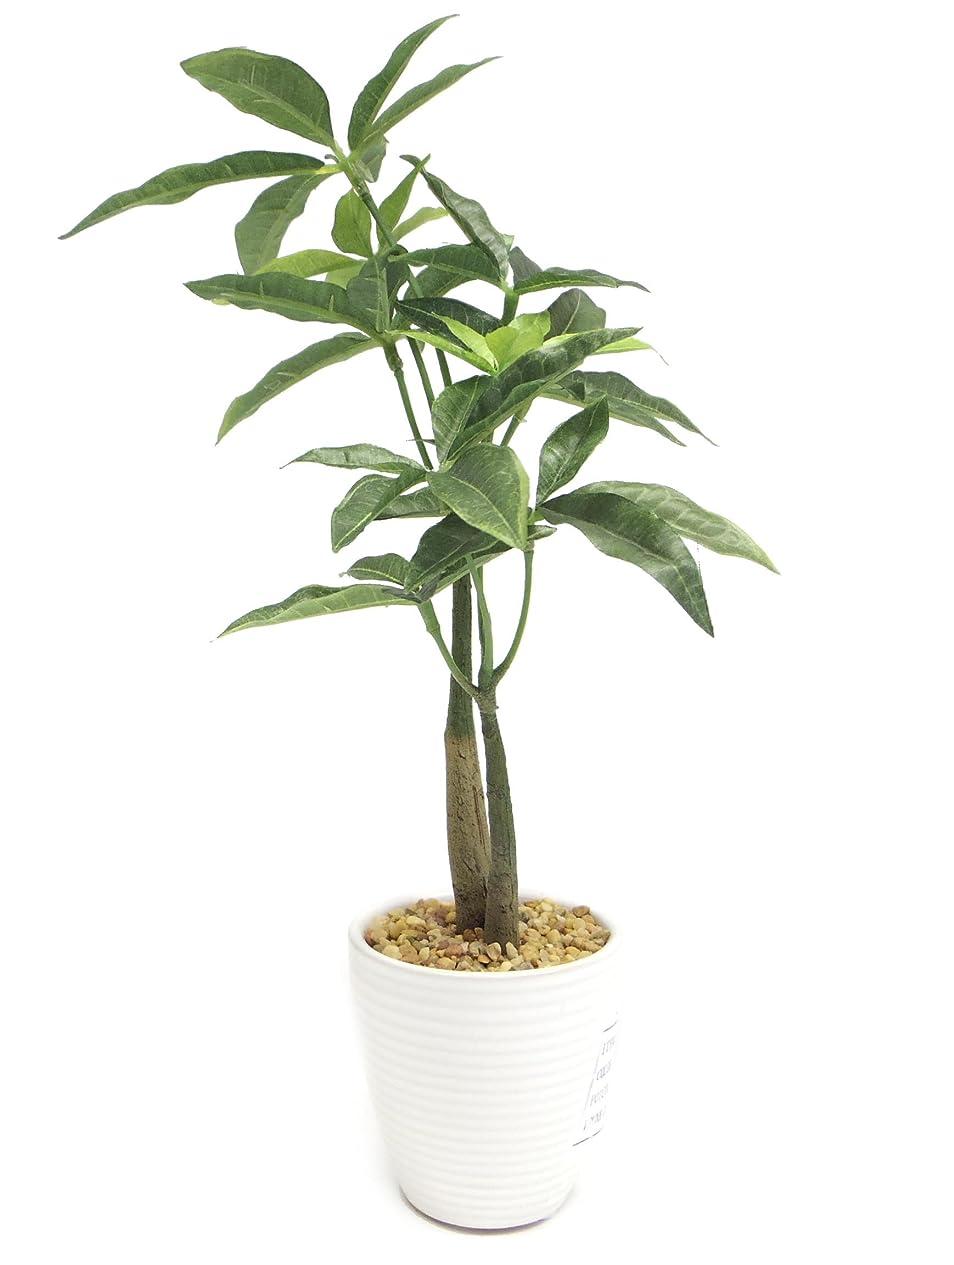 管理チャップ信じる【SCGEHA】 フェイクグリーン インテリア イミテーション 人工 観葉植物 壁掛け 癒し 造花 4カラー